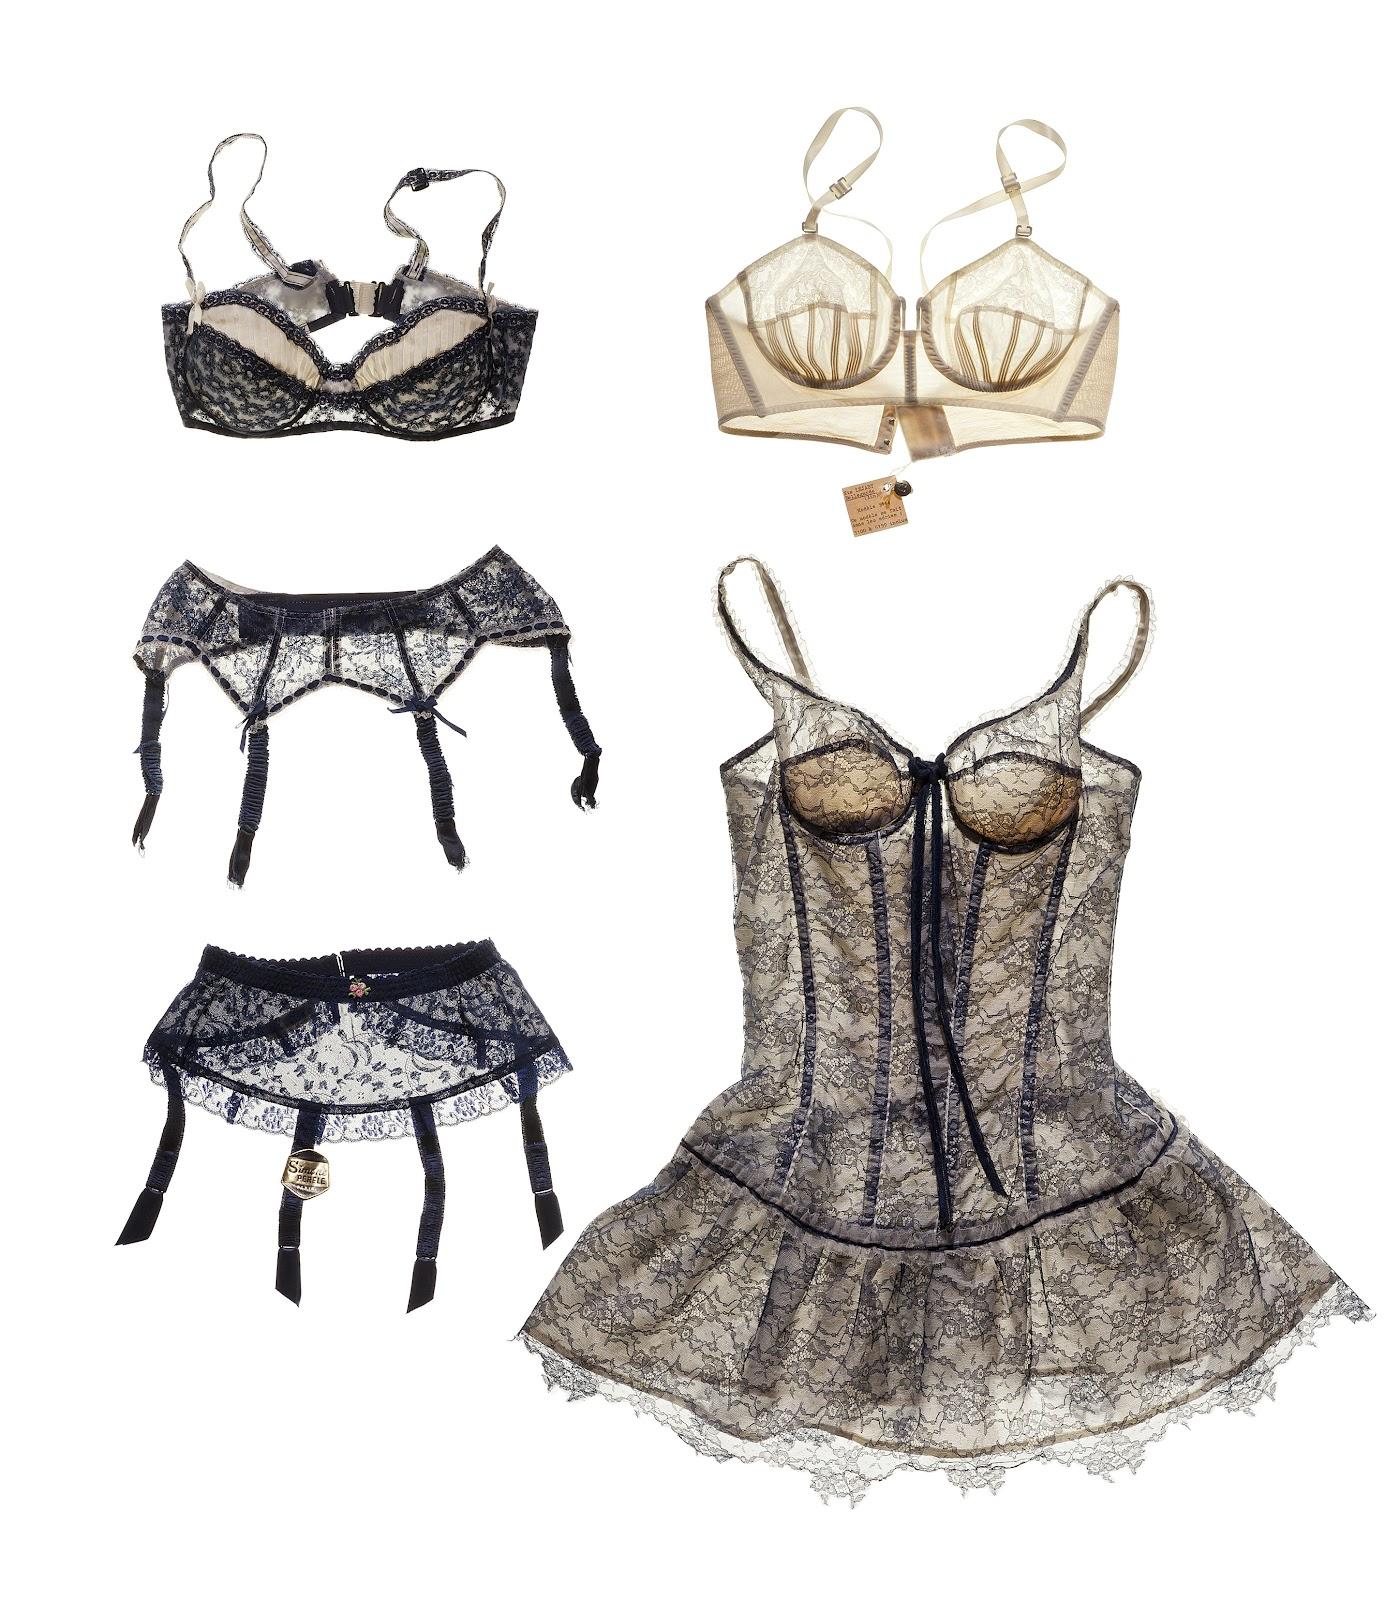 a5594366ab8 Soutien-‐gorge à armatures en dentelle de Nylon bleu marine et haut du  bonnet plissé en Nylon blanc. Dos et bretelles ajustables. Années 1950.